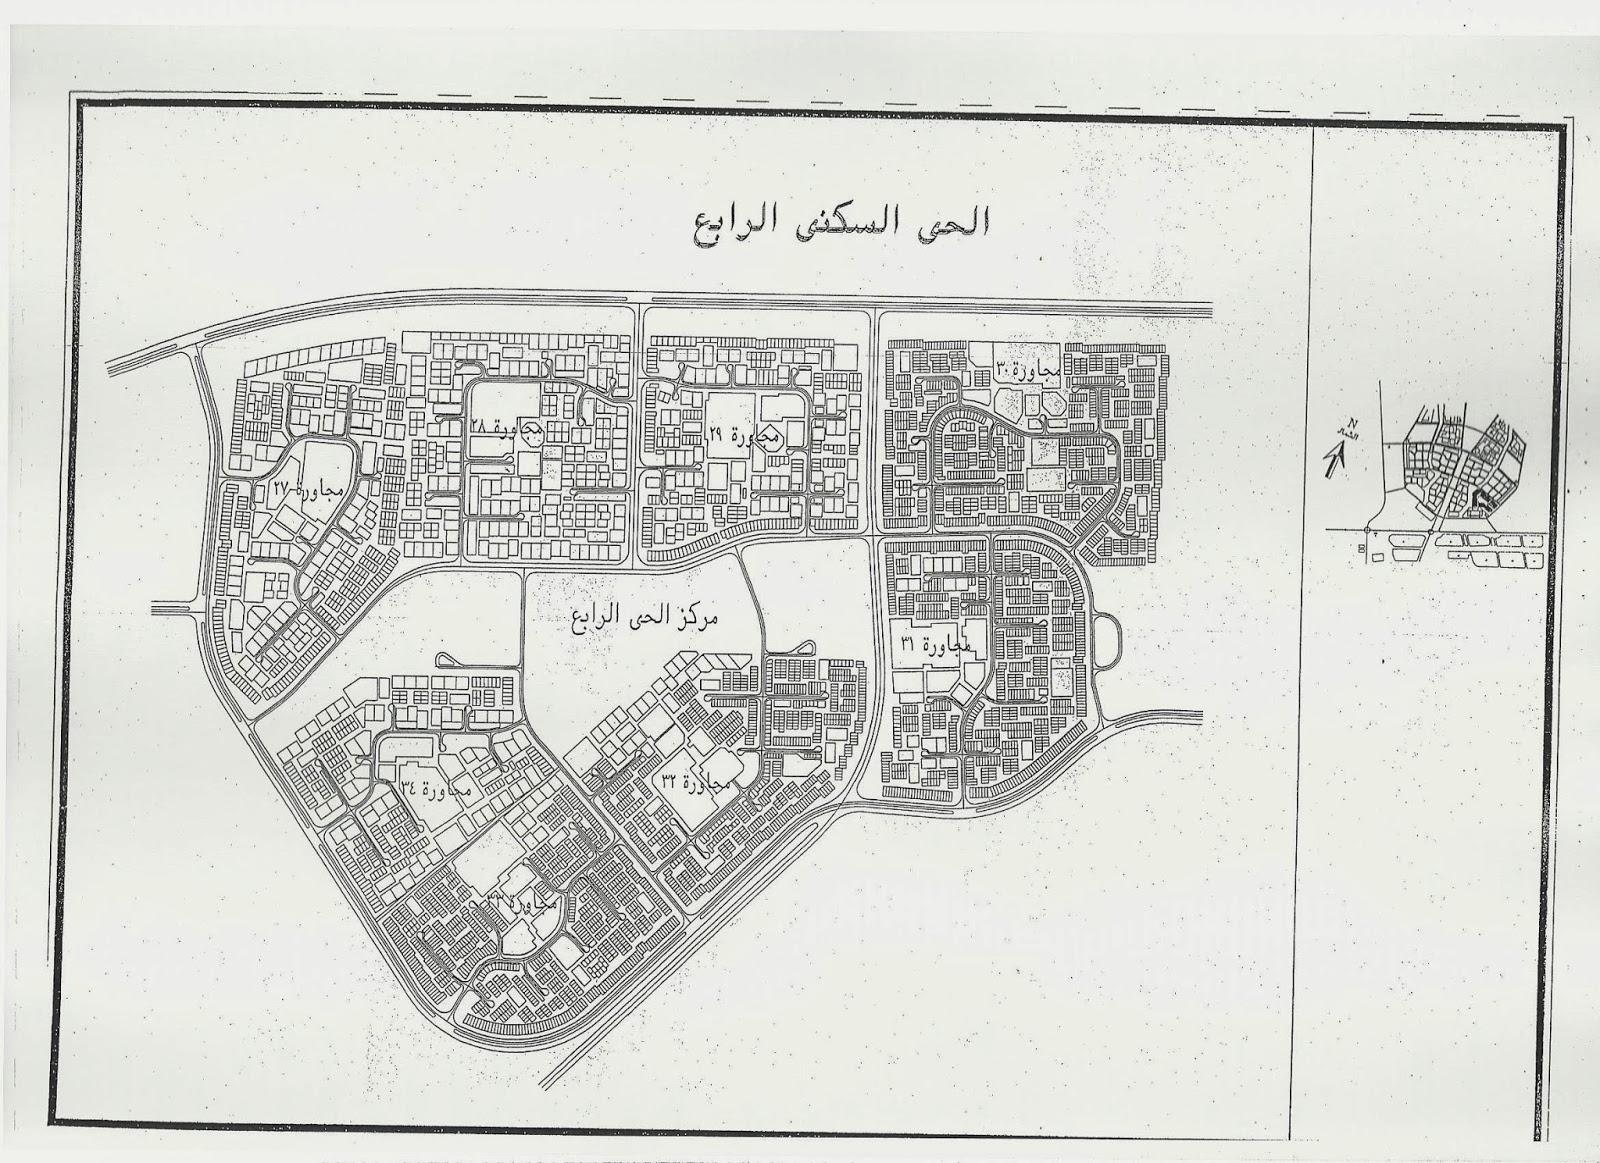 خريطة الحي السكني الرابع العاشر من رمضان العاشر اون لاين